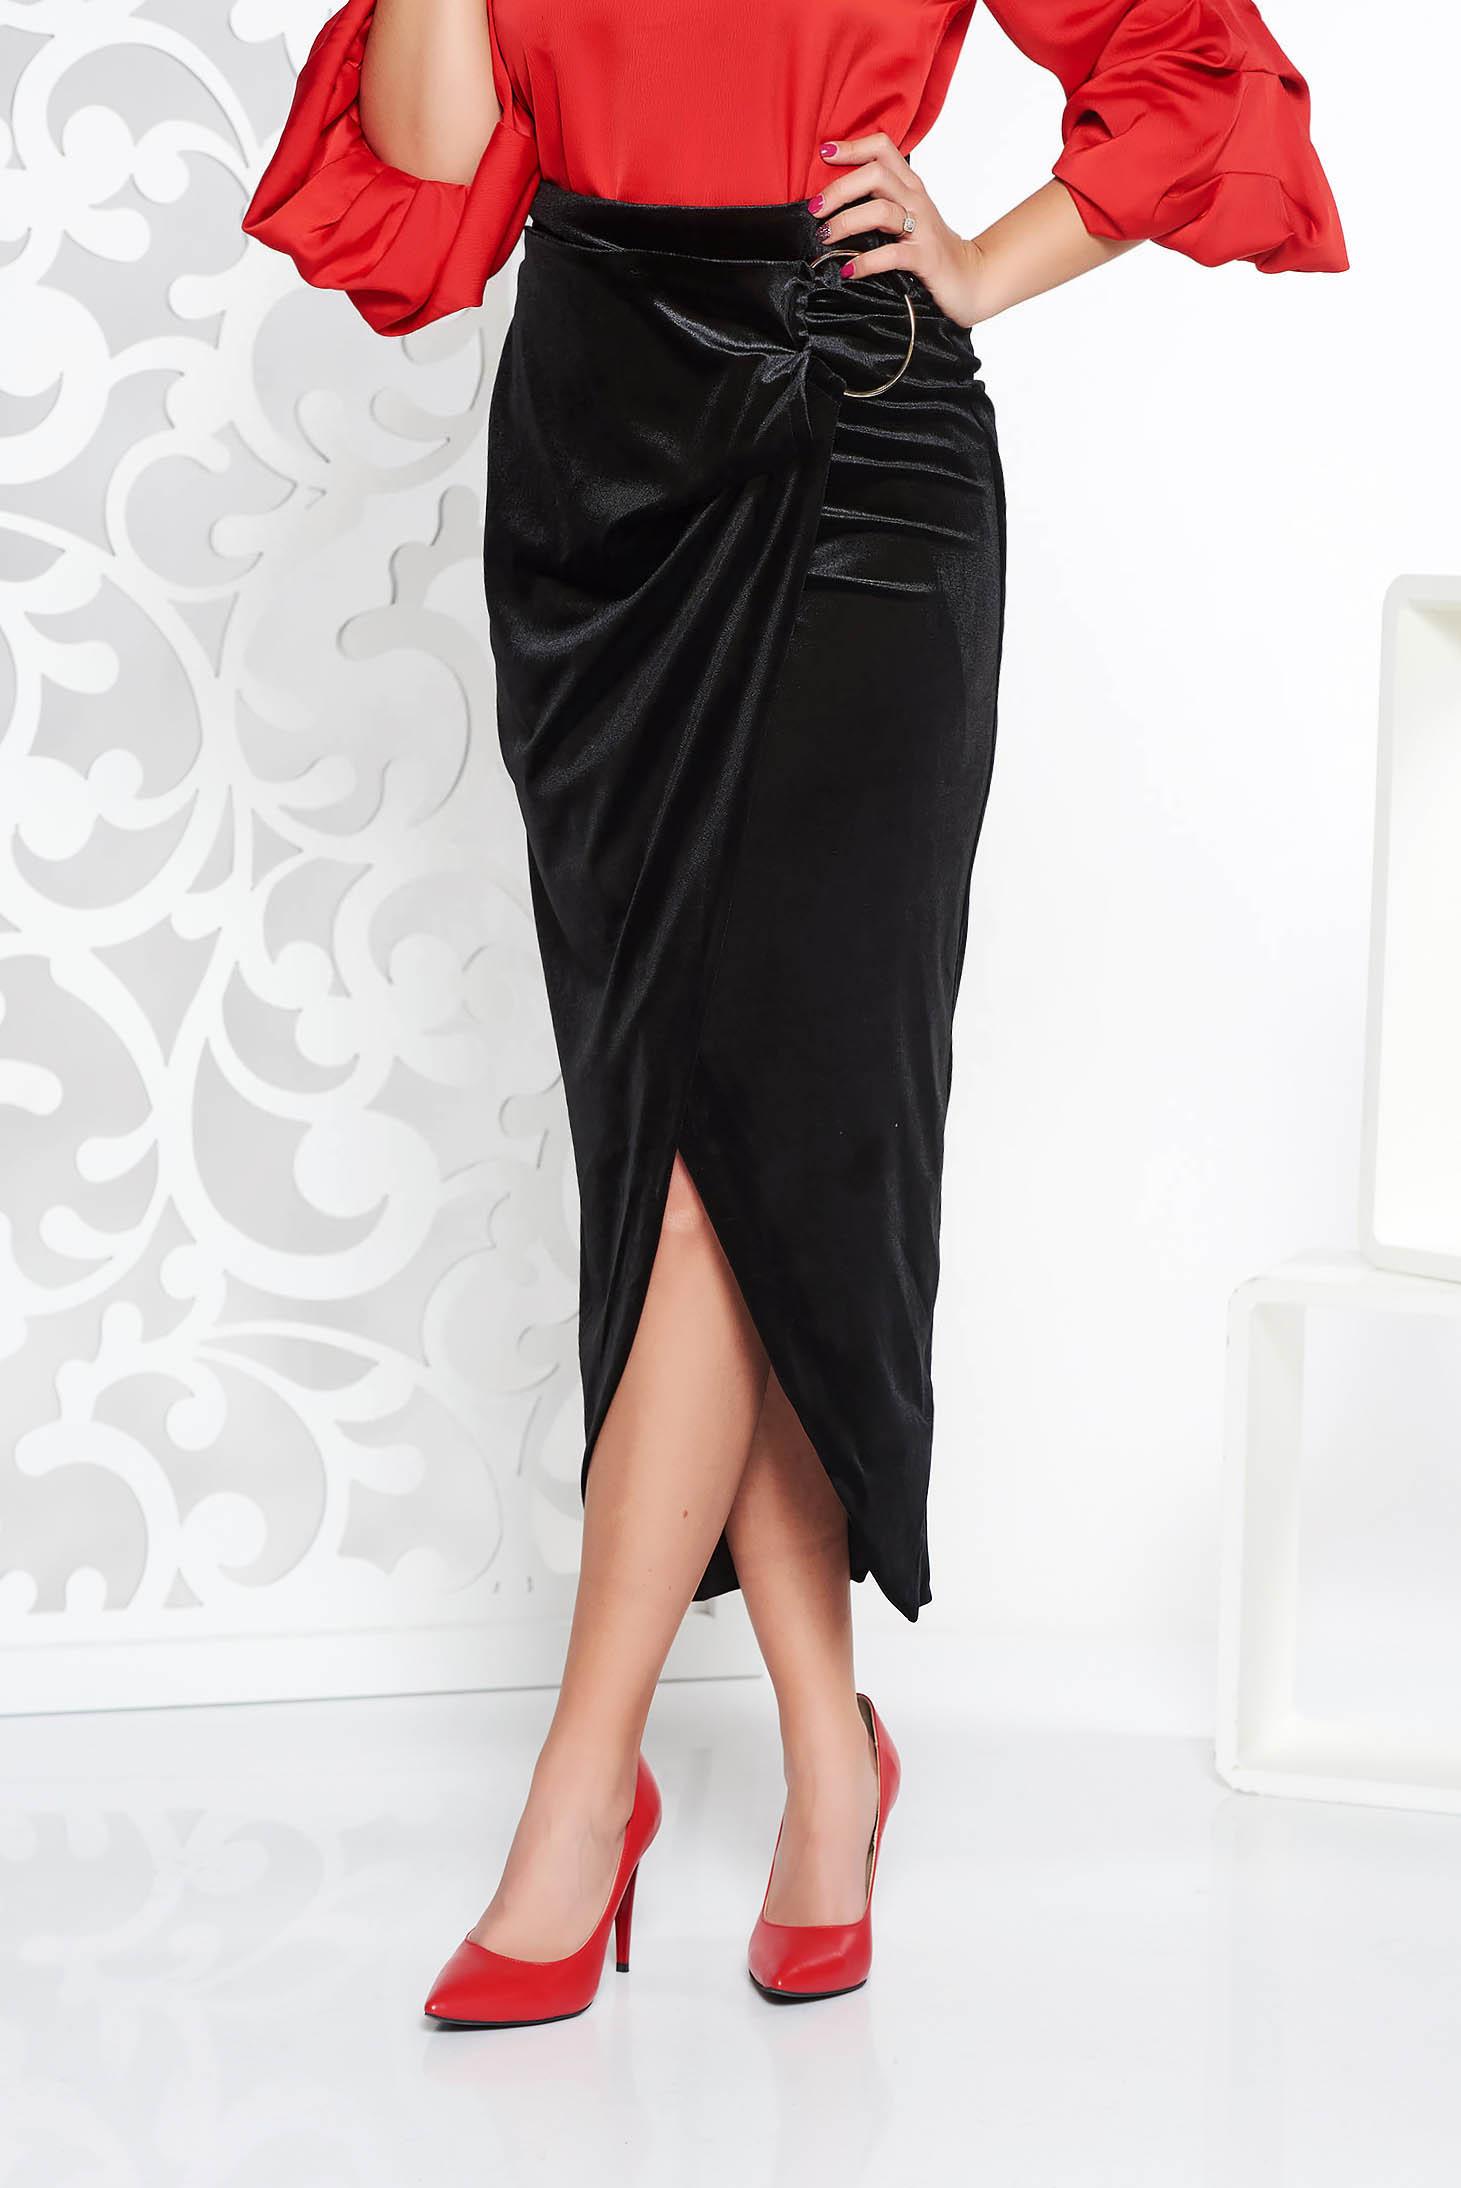 Fusta PrettyGirl neagra eleganta asimetrica cu talie inalta din catifea cu accesoriu metalic